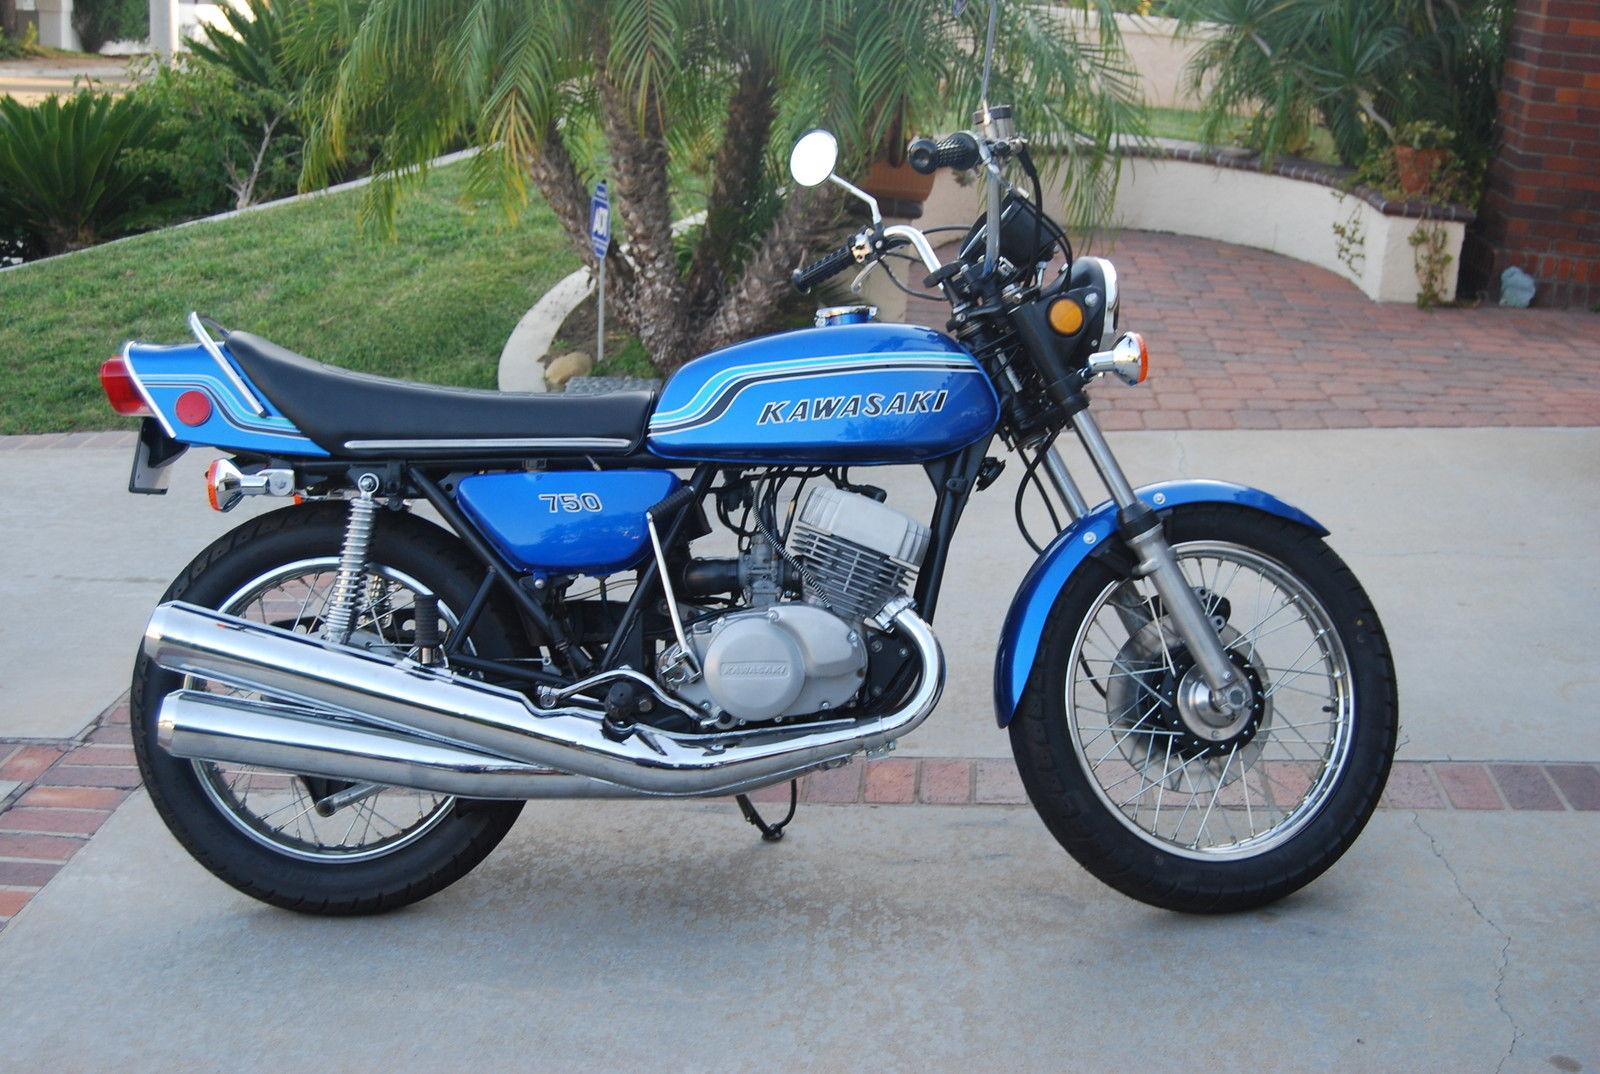 Kawasaki H2 750 - 1972 - Restored Clic Motorcycles at Bikes ...